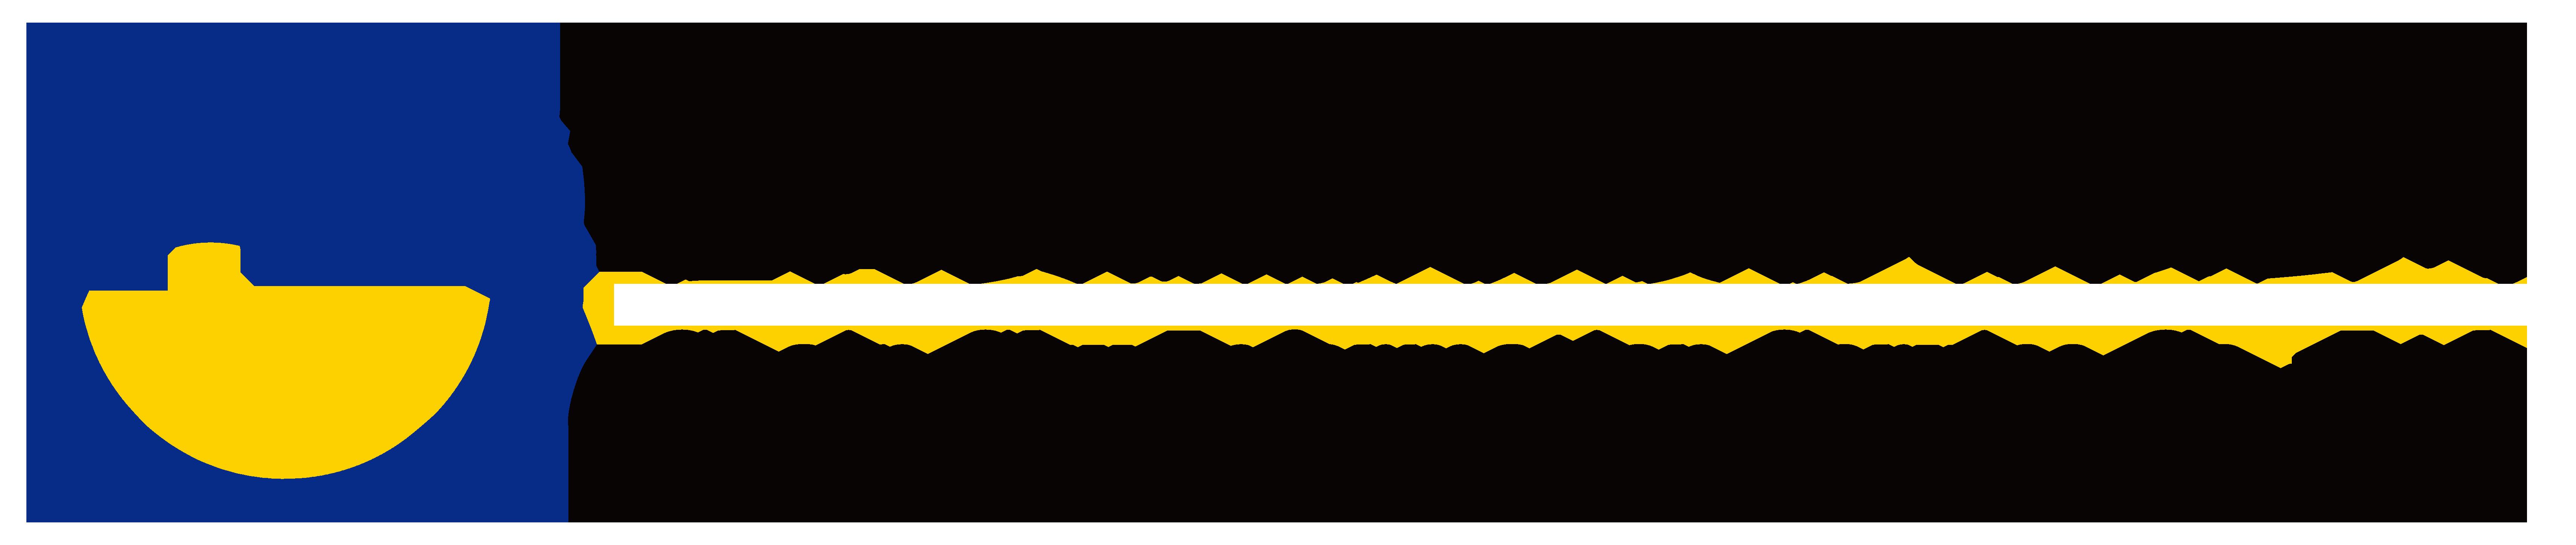 程高資訊服務股份有限公司LOGO